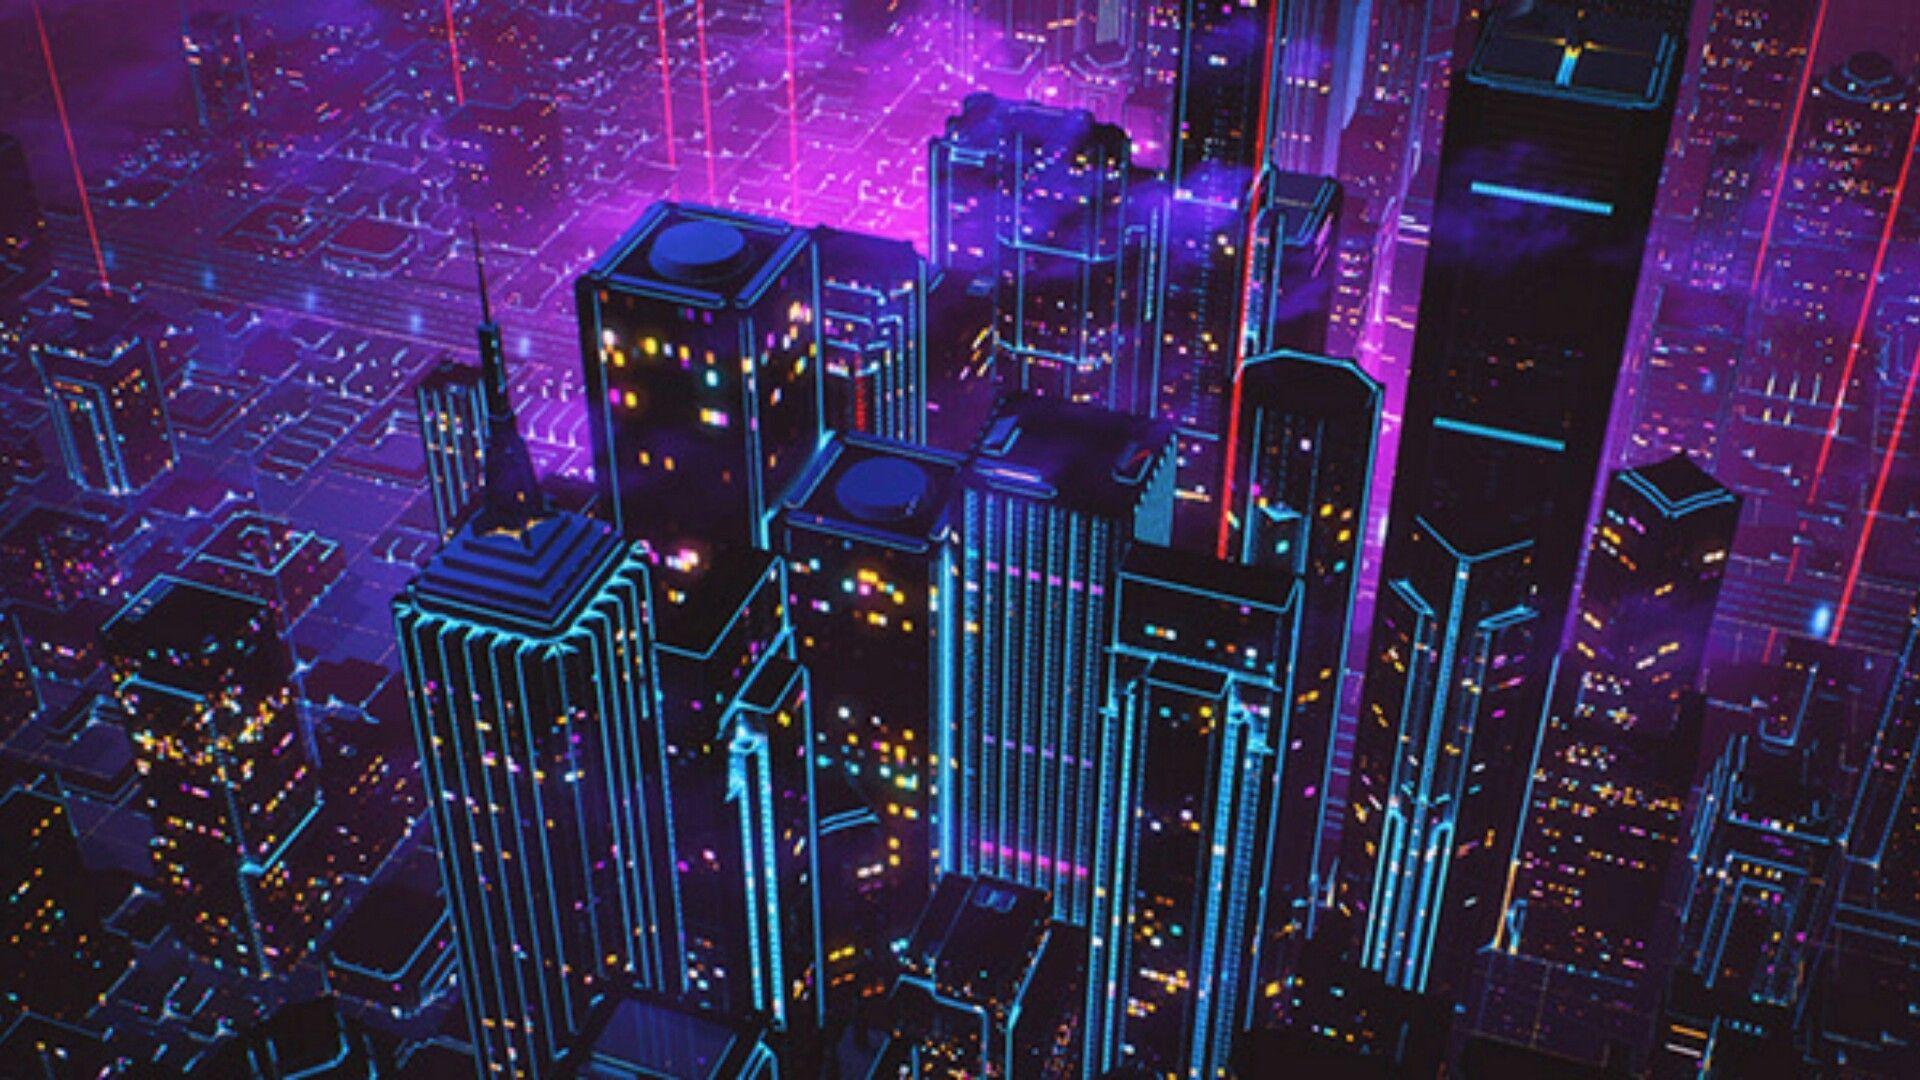 Neon City Desktop Wallpapers Top Free Neon City Desktop Backgrounds Wallpaperaccess